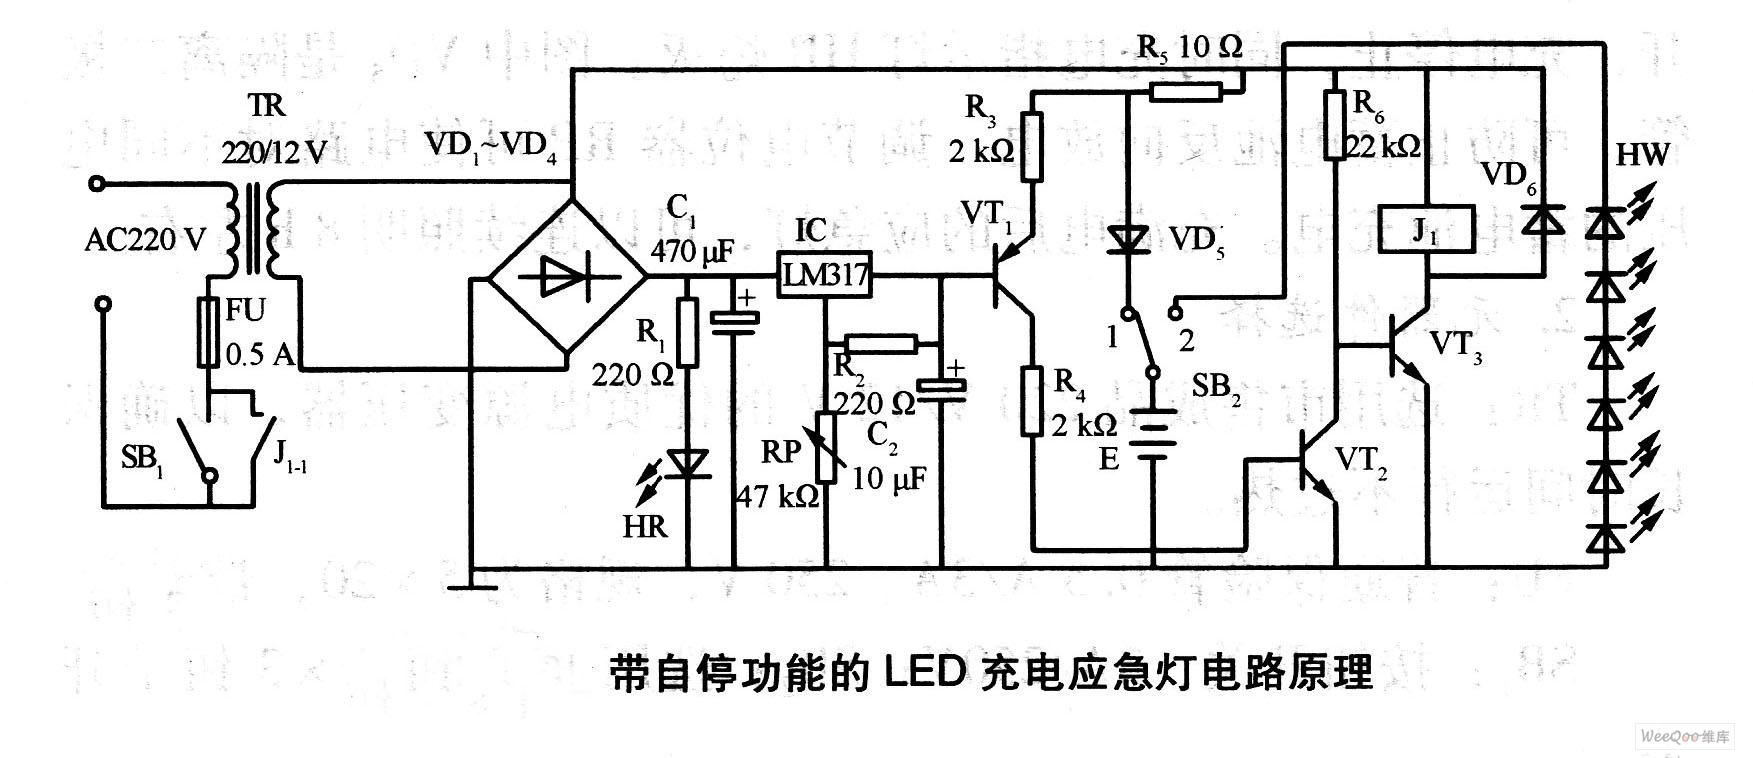 技术资料 电路图 电源电路 带自停功能的led充电应急灯电路原理